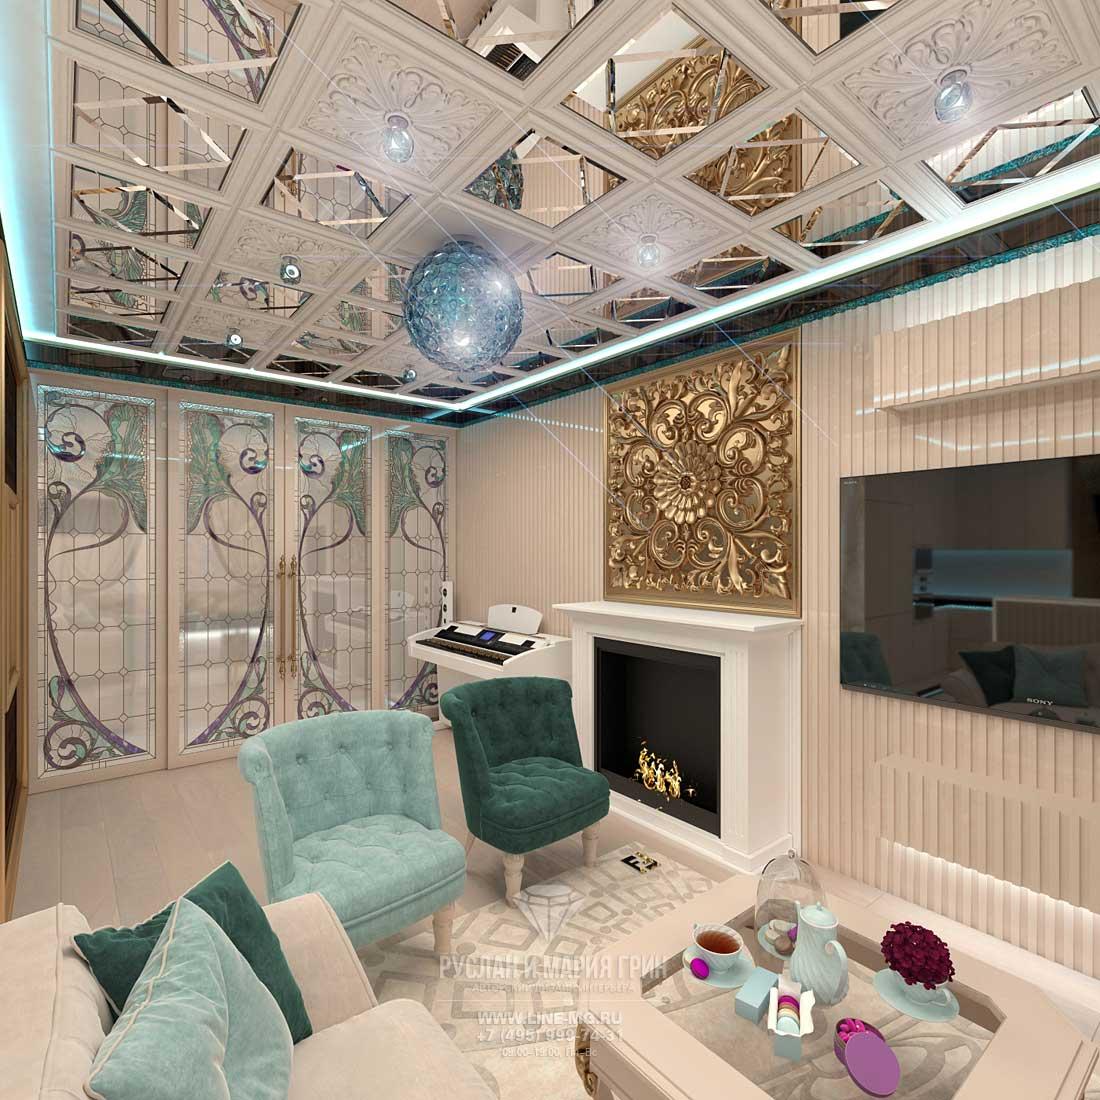 Дизайн красивой квартиры. Фото интерьера гостиной в ЖК «Долина Сетунь»